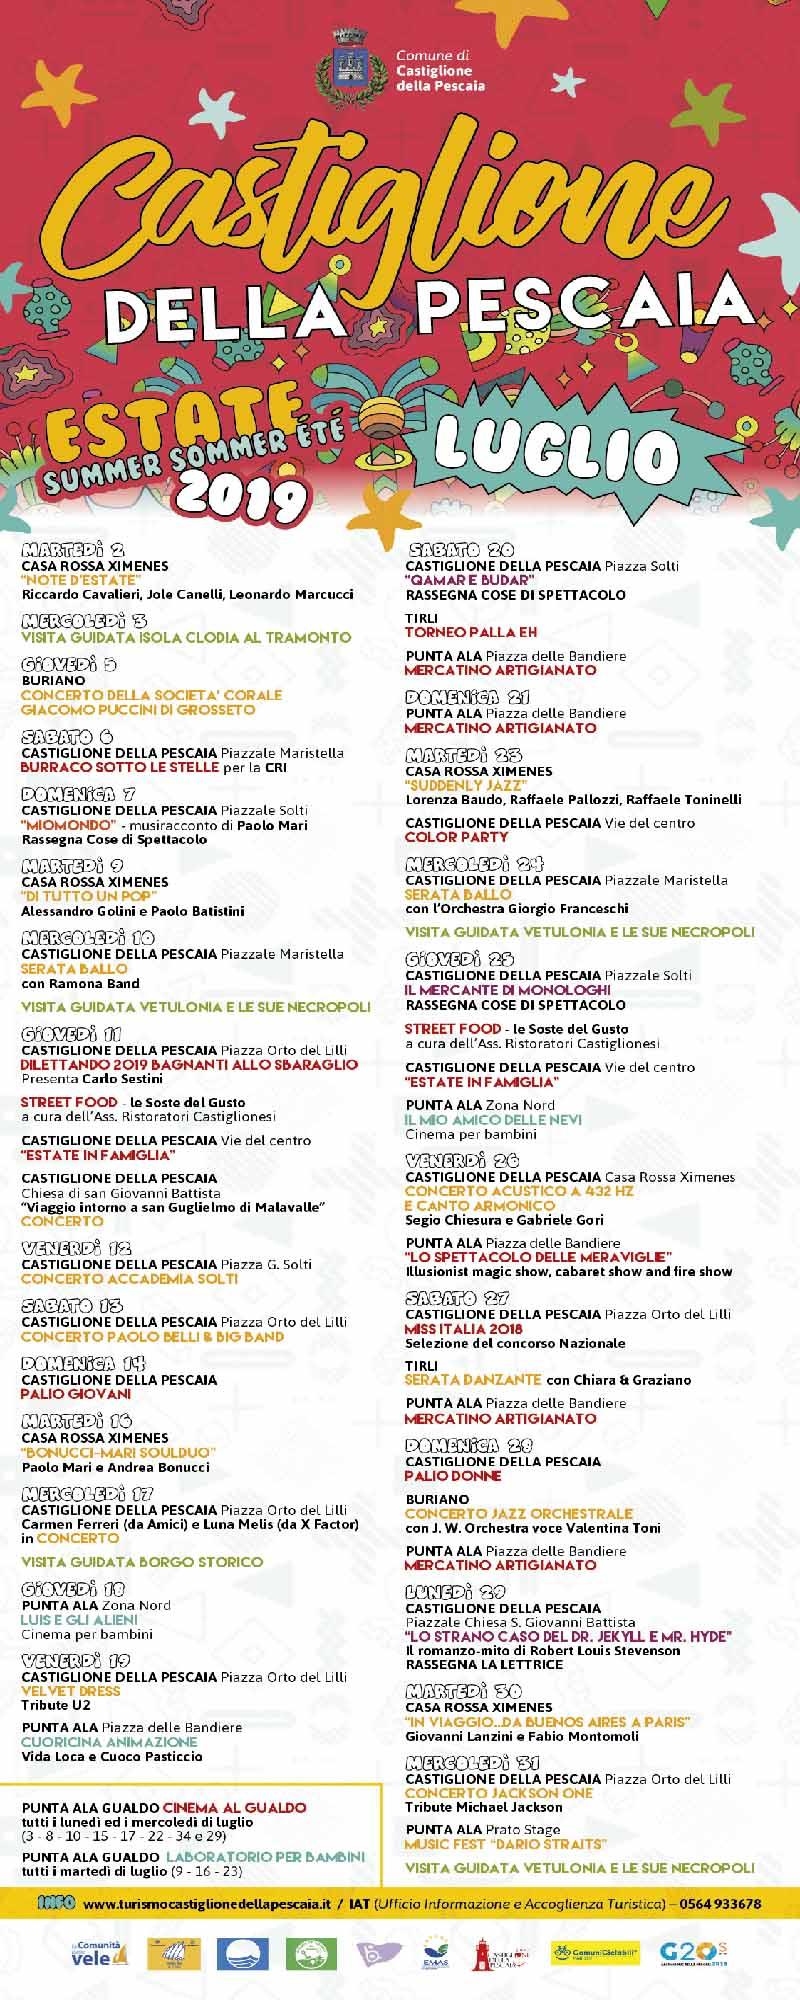 Programma Estate 2019 a Castiglion Della Pescaia Eventi e Feste - Luglio